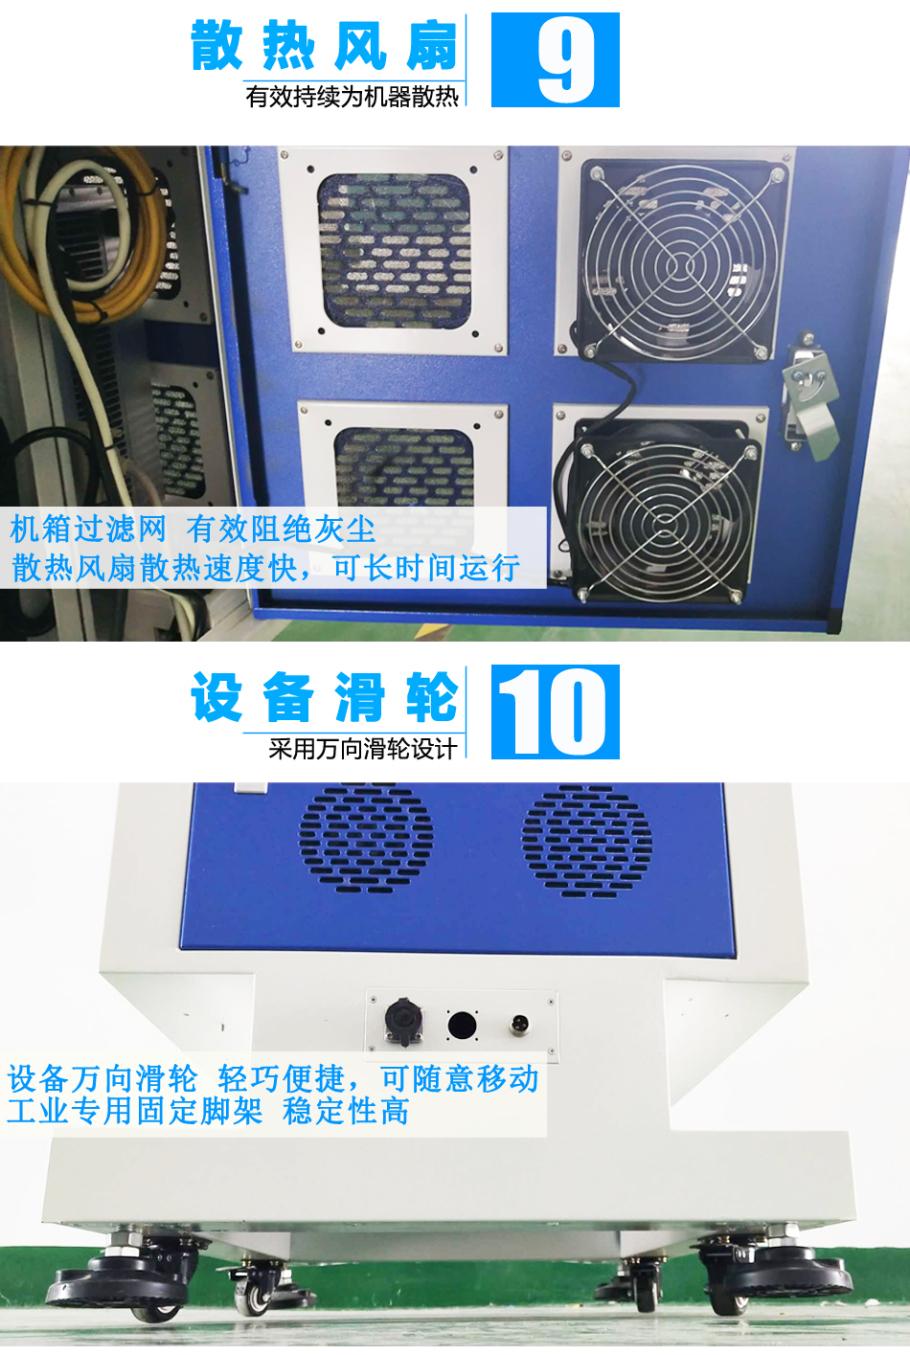 光纤激光打标机详情(新版)_08.jpg